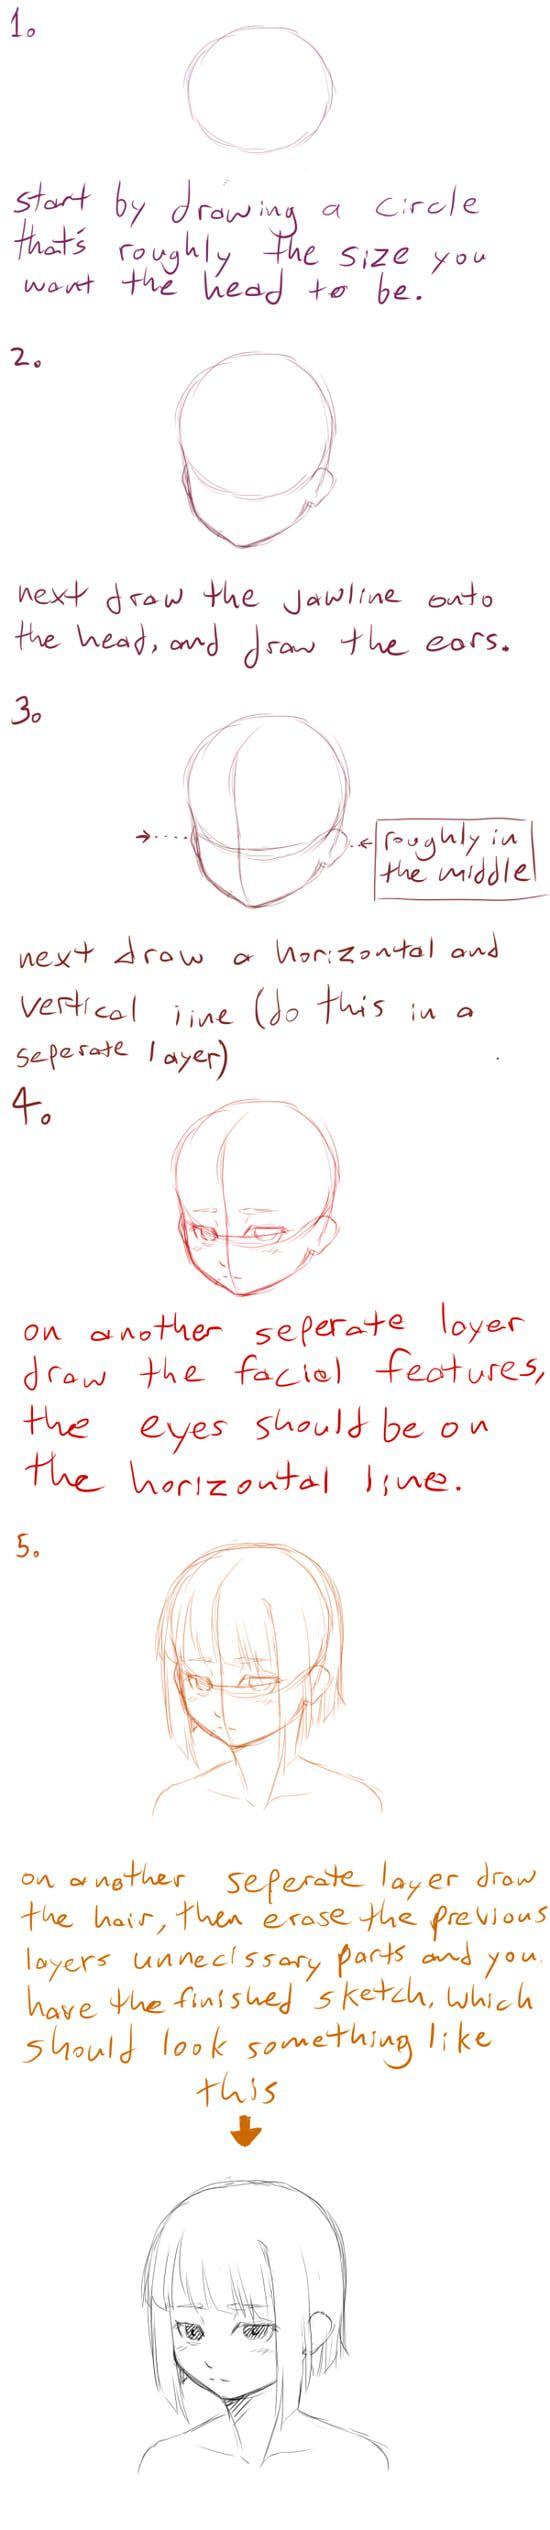 manga style faces: tutorial 1 by lime-desu.deviantart.com